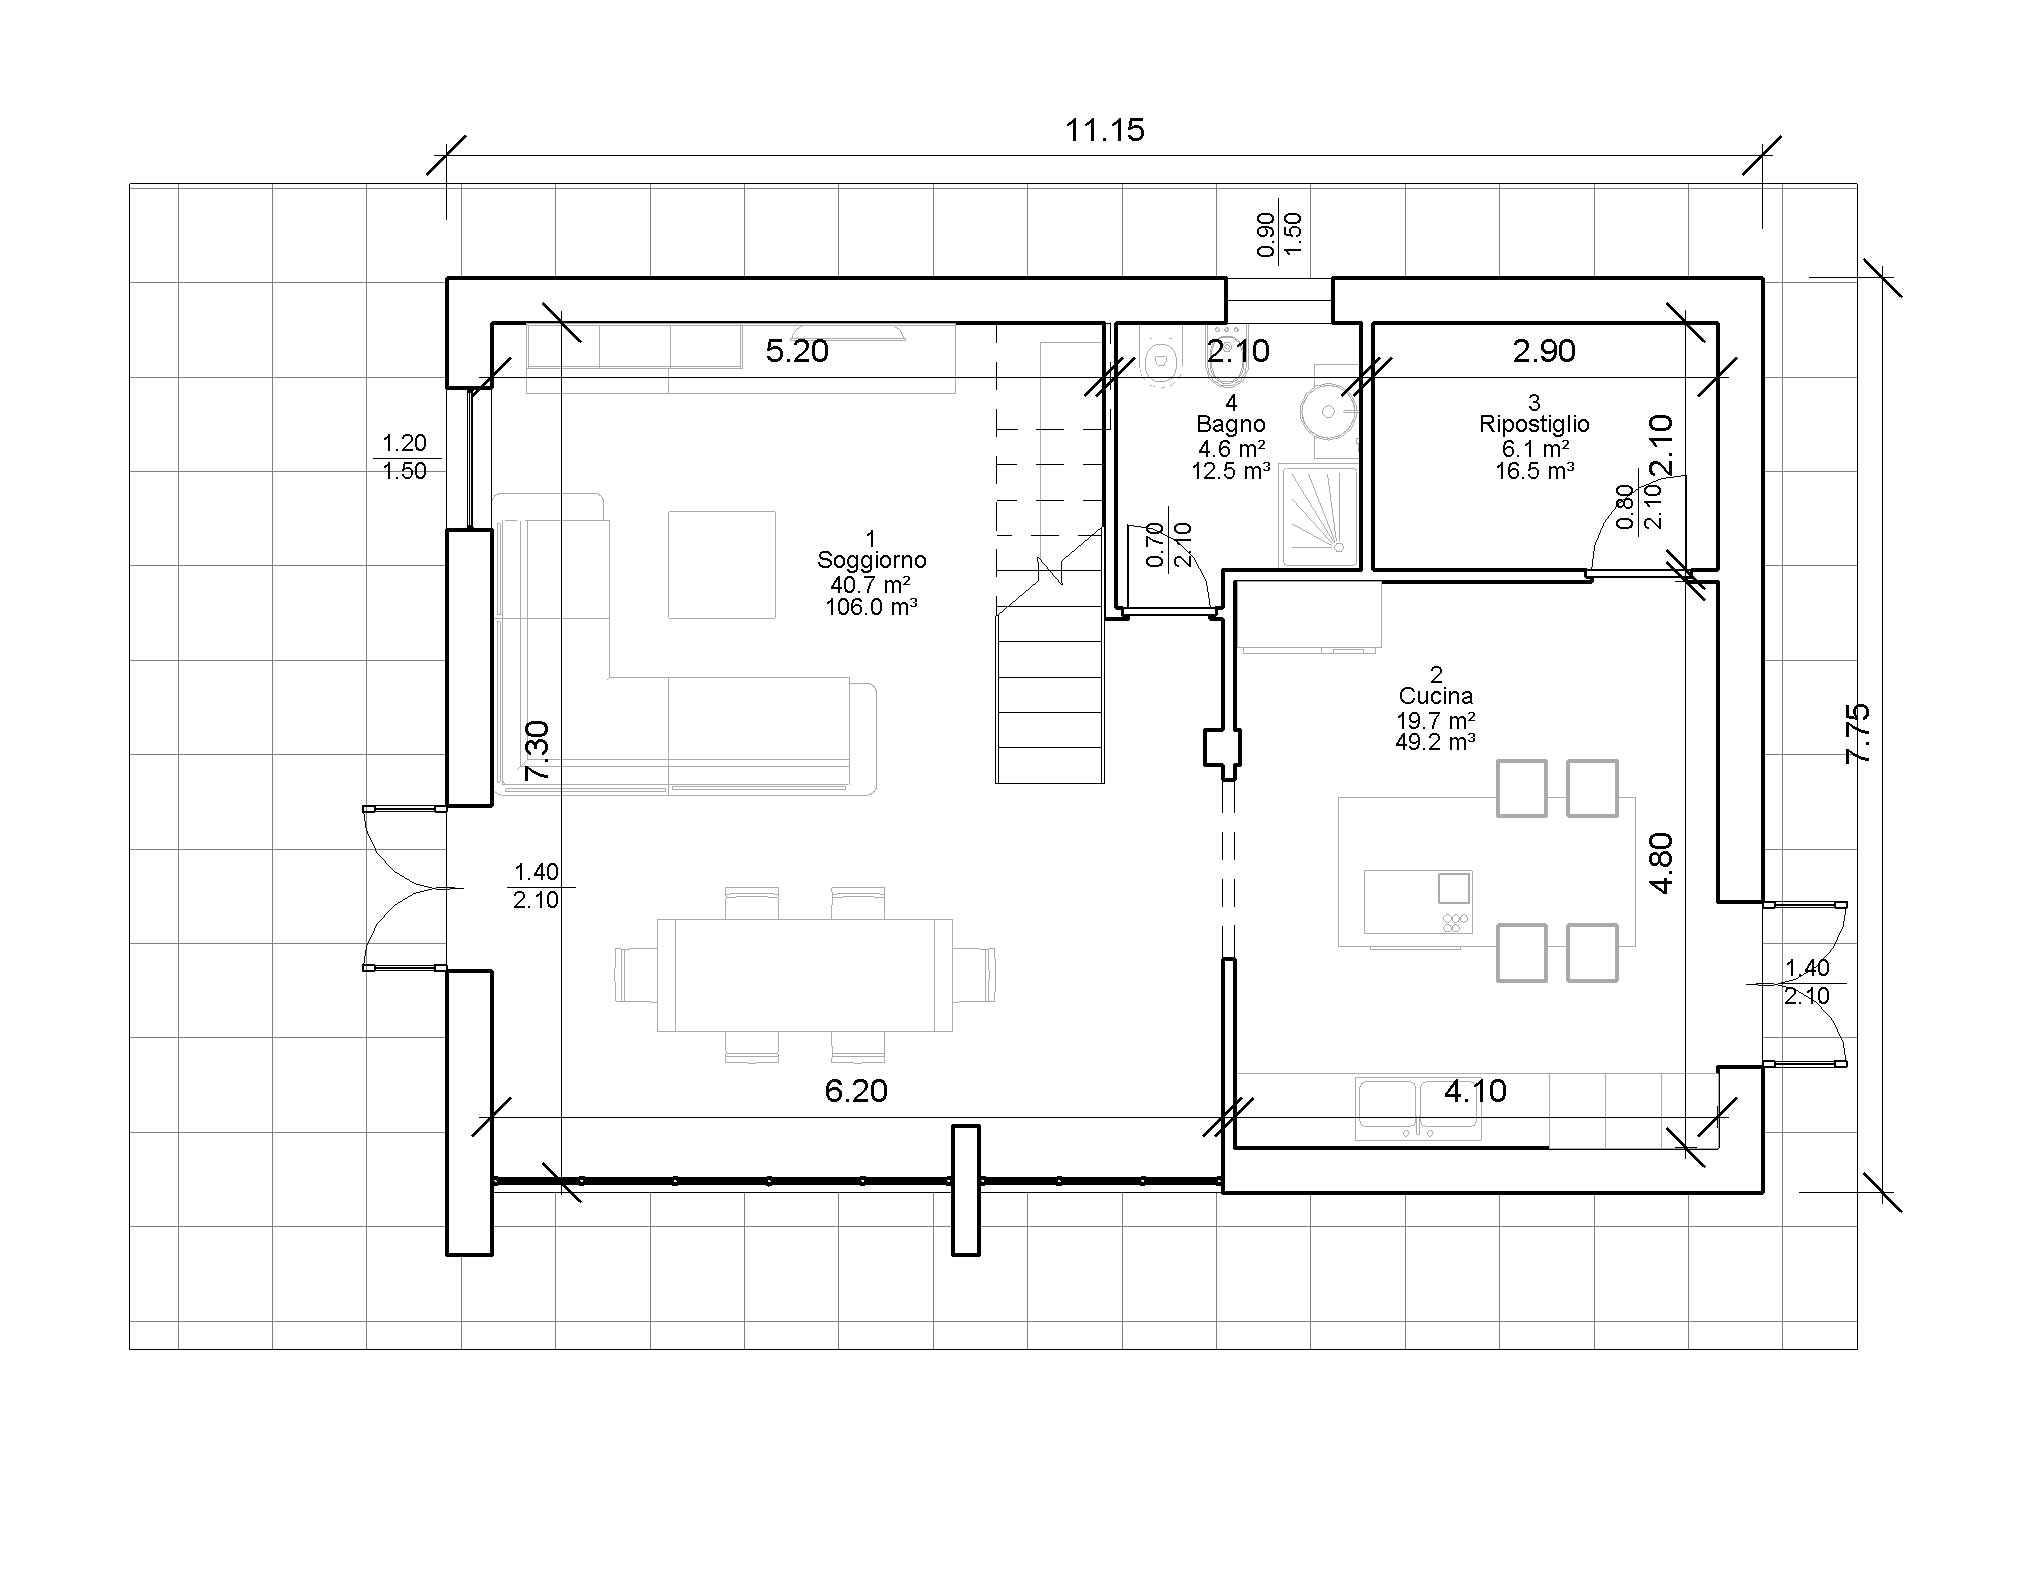 Progetti villette piano terra villa stile misto with for Progetto piano terra